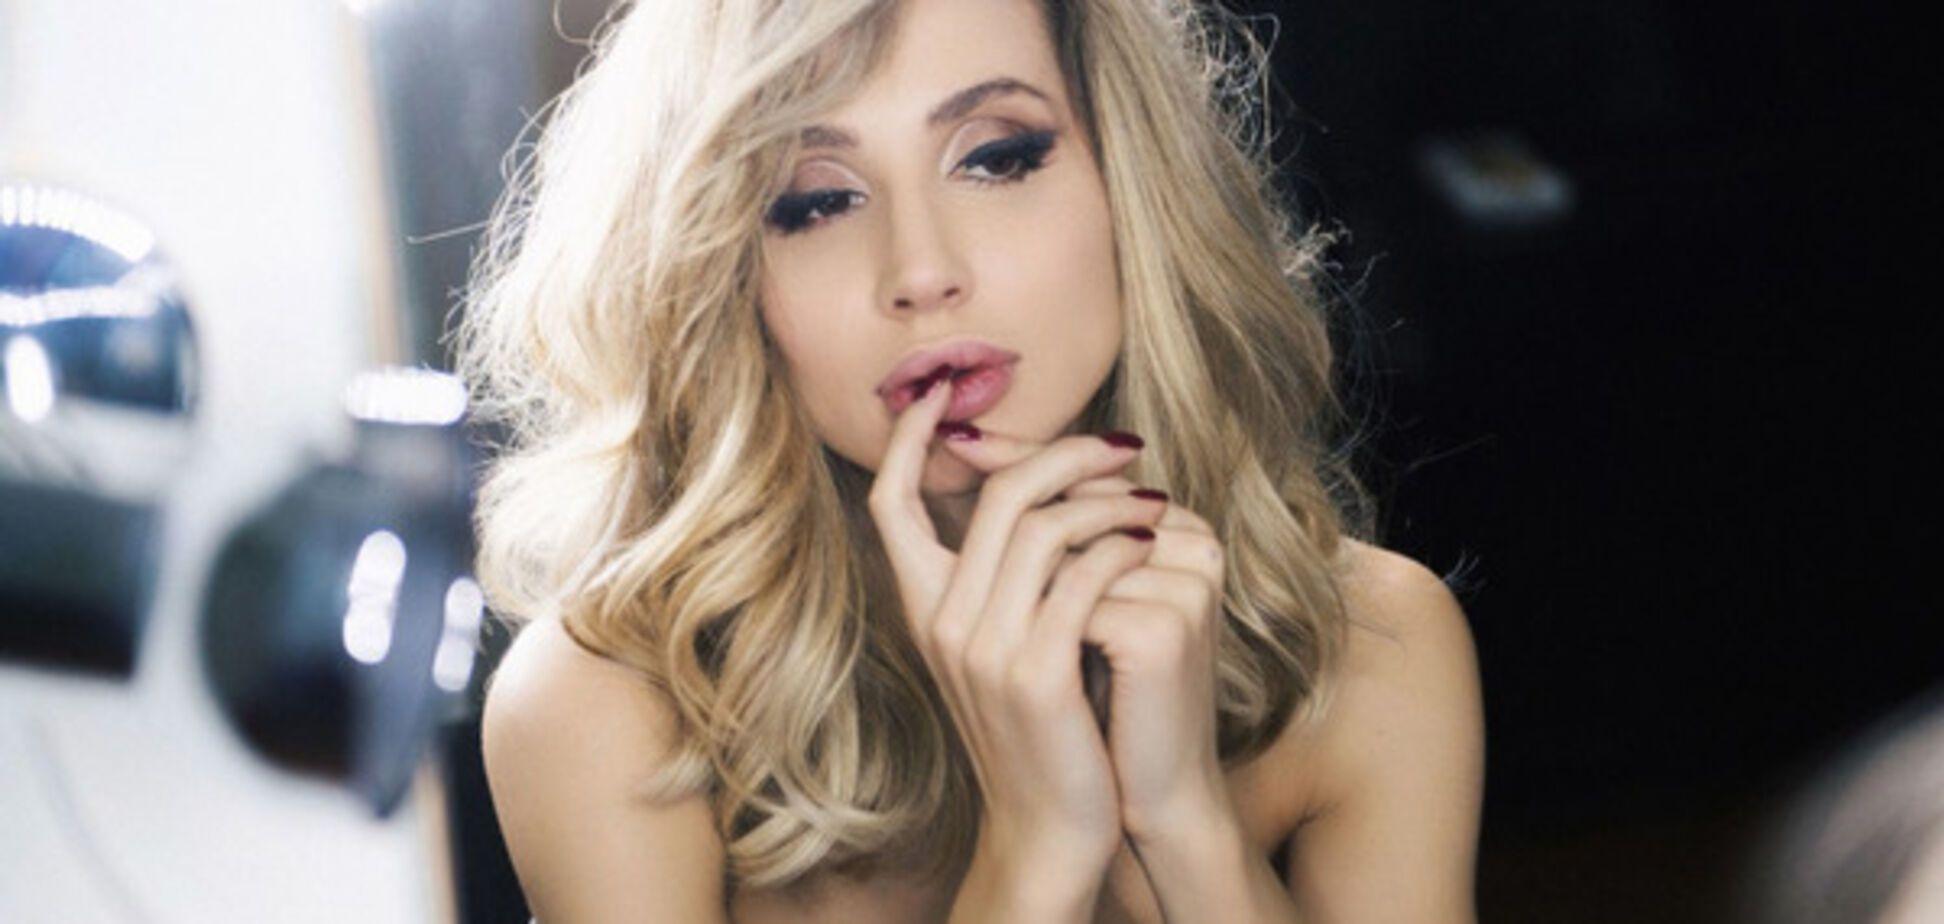 Целую, люблю: украинская 'певица года' похвасталась эфиром на российском канале